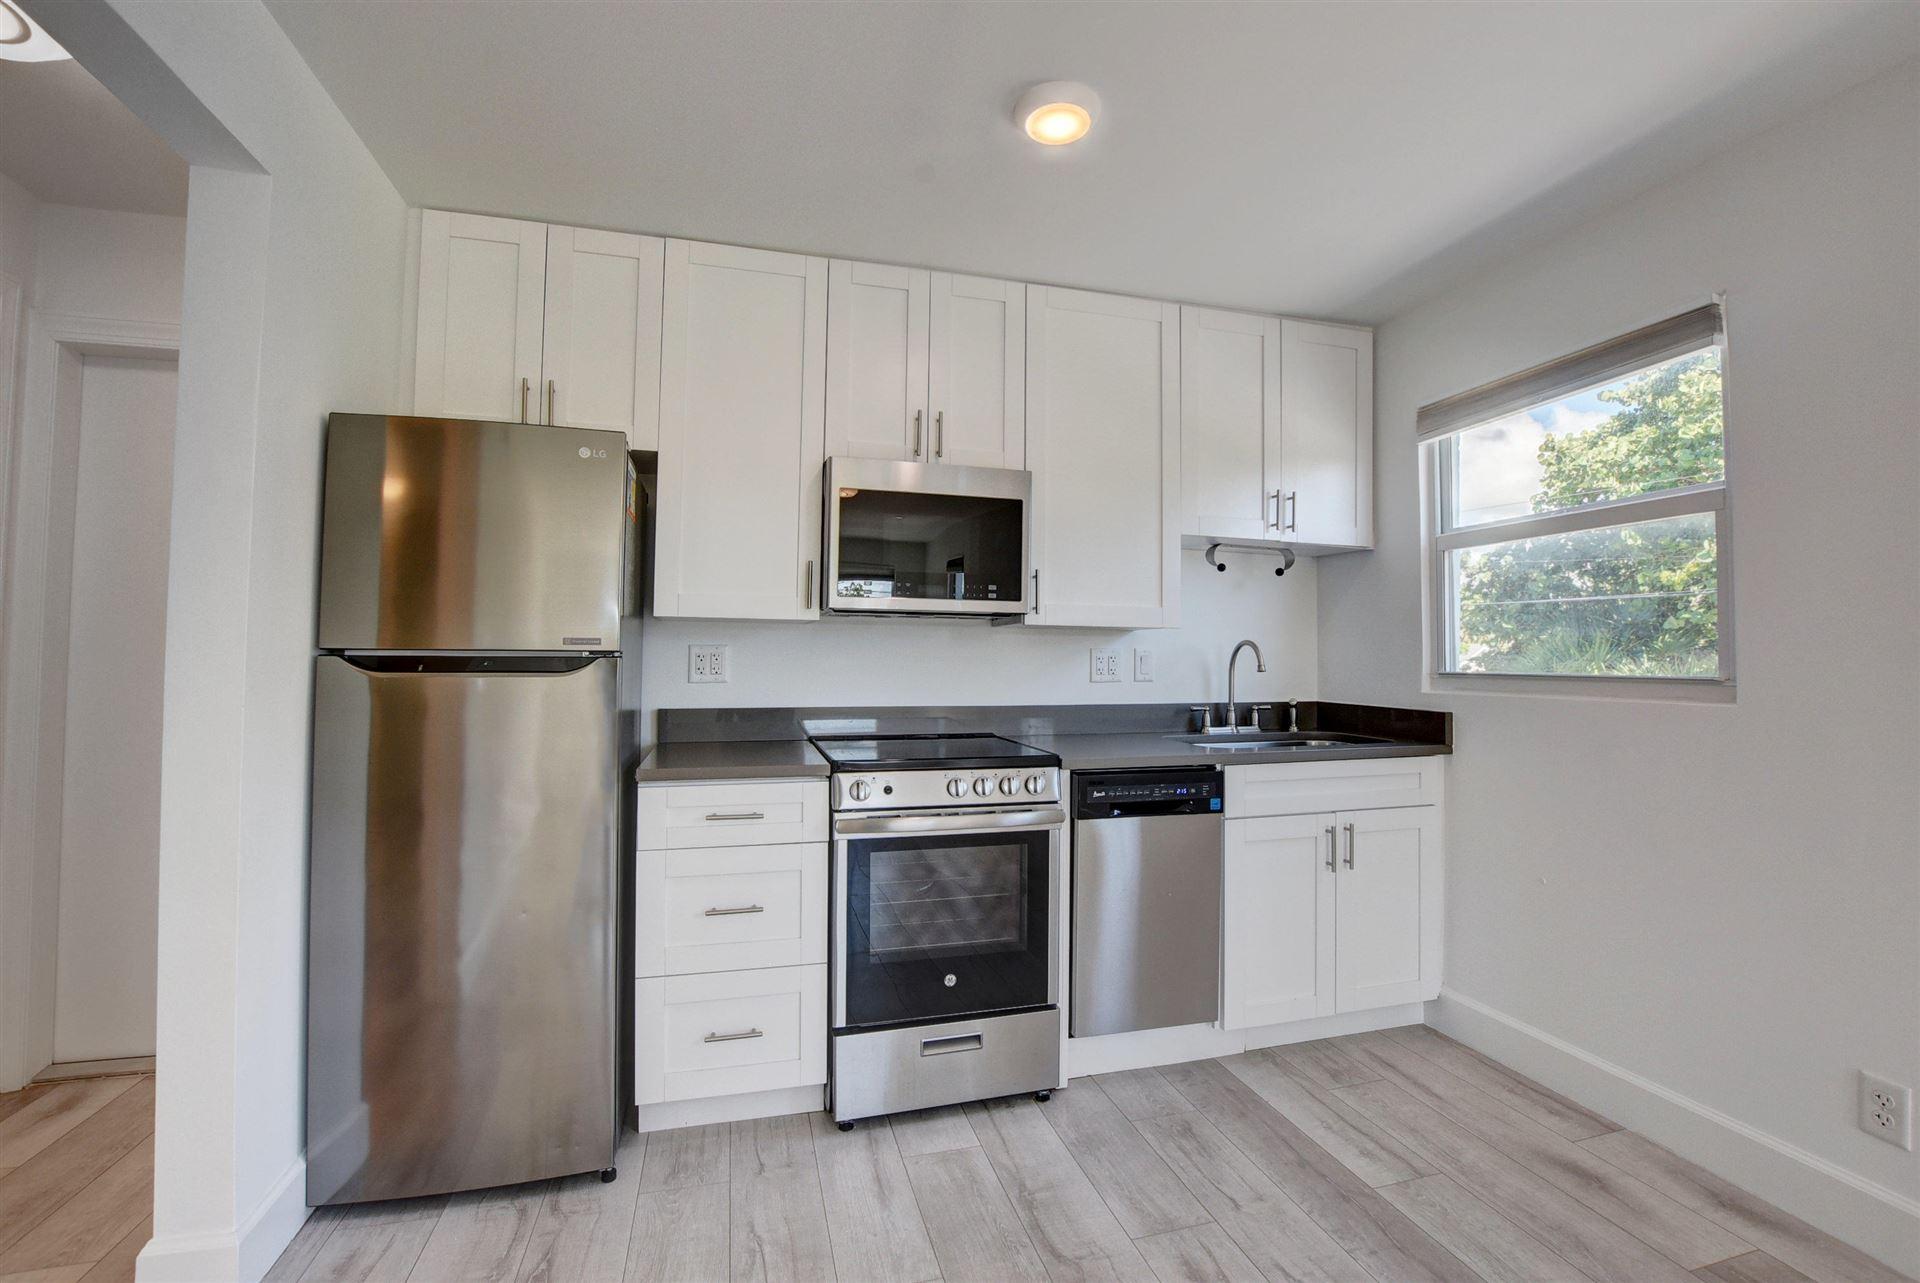 102 S K Street #1-4, Lake Worth, FL 33460 - MLS#: RX-10743742